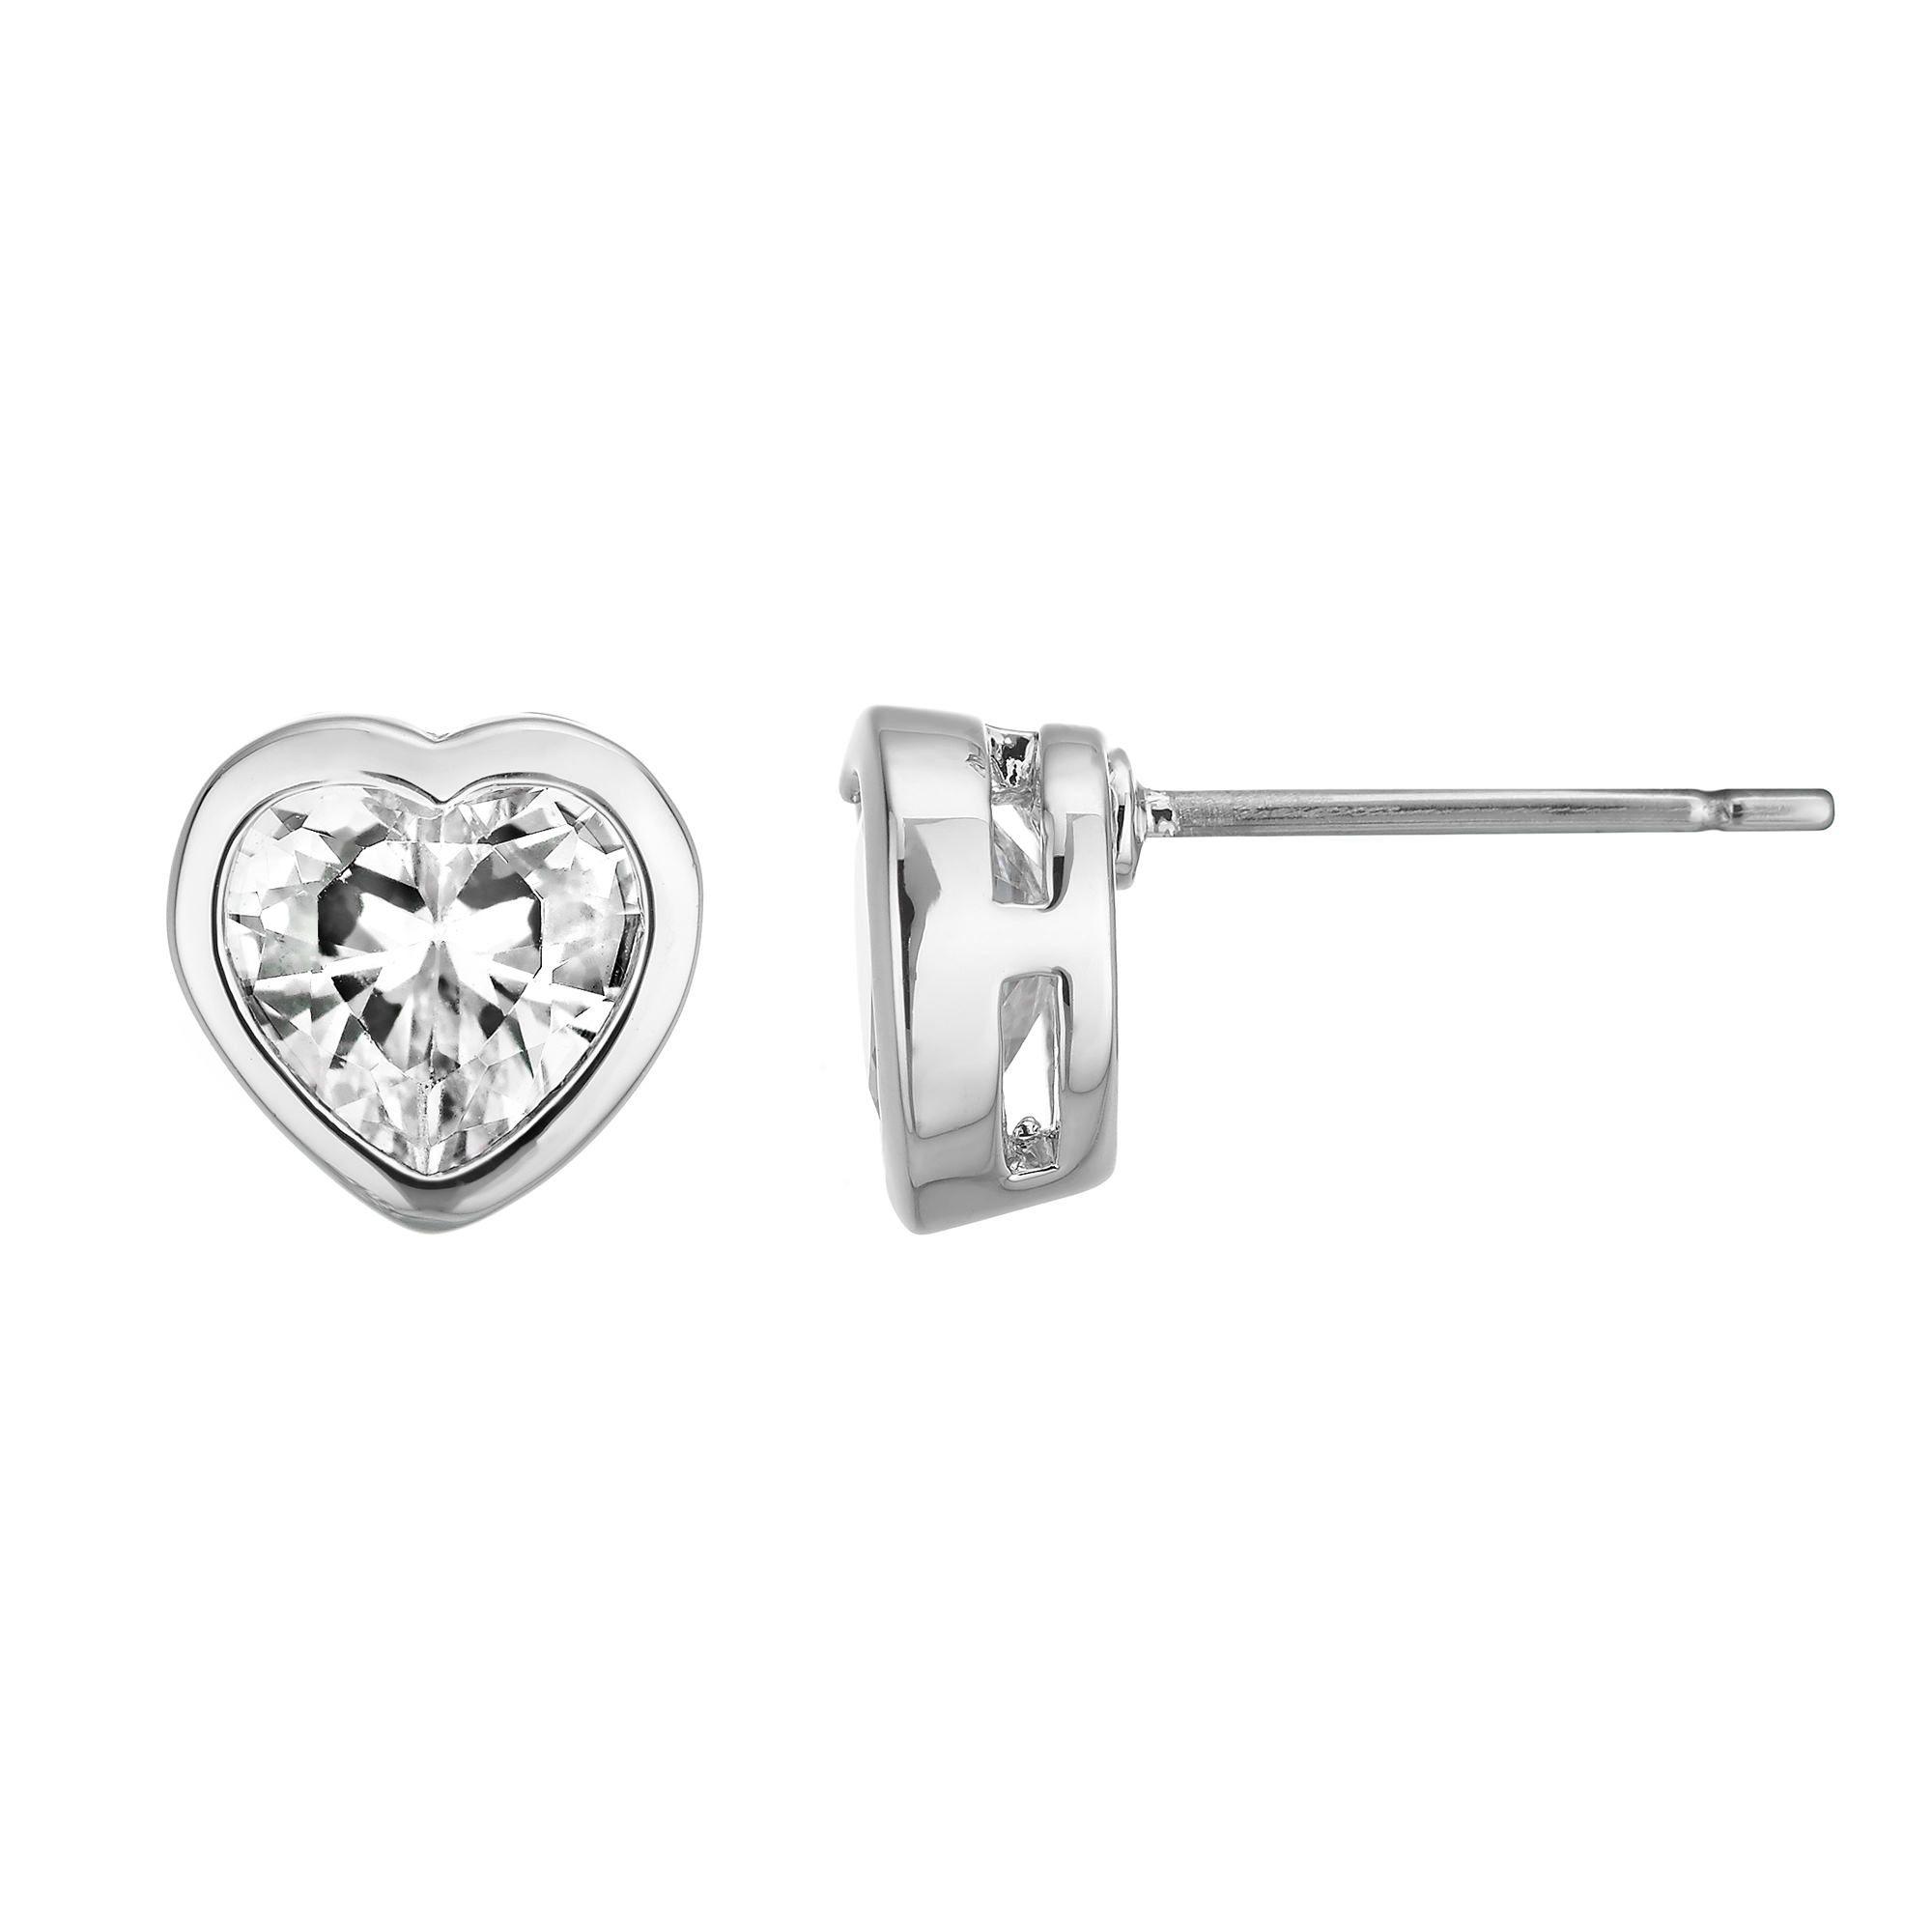 Buckely London Lottie Heart Stud Earrings